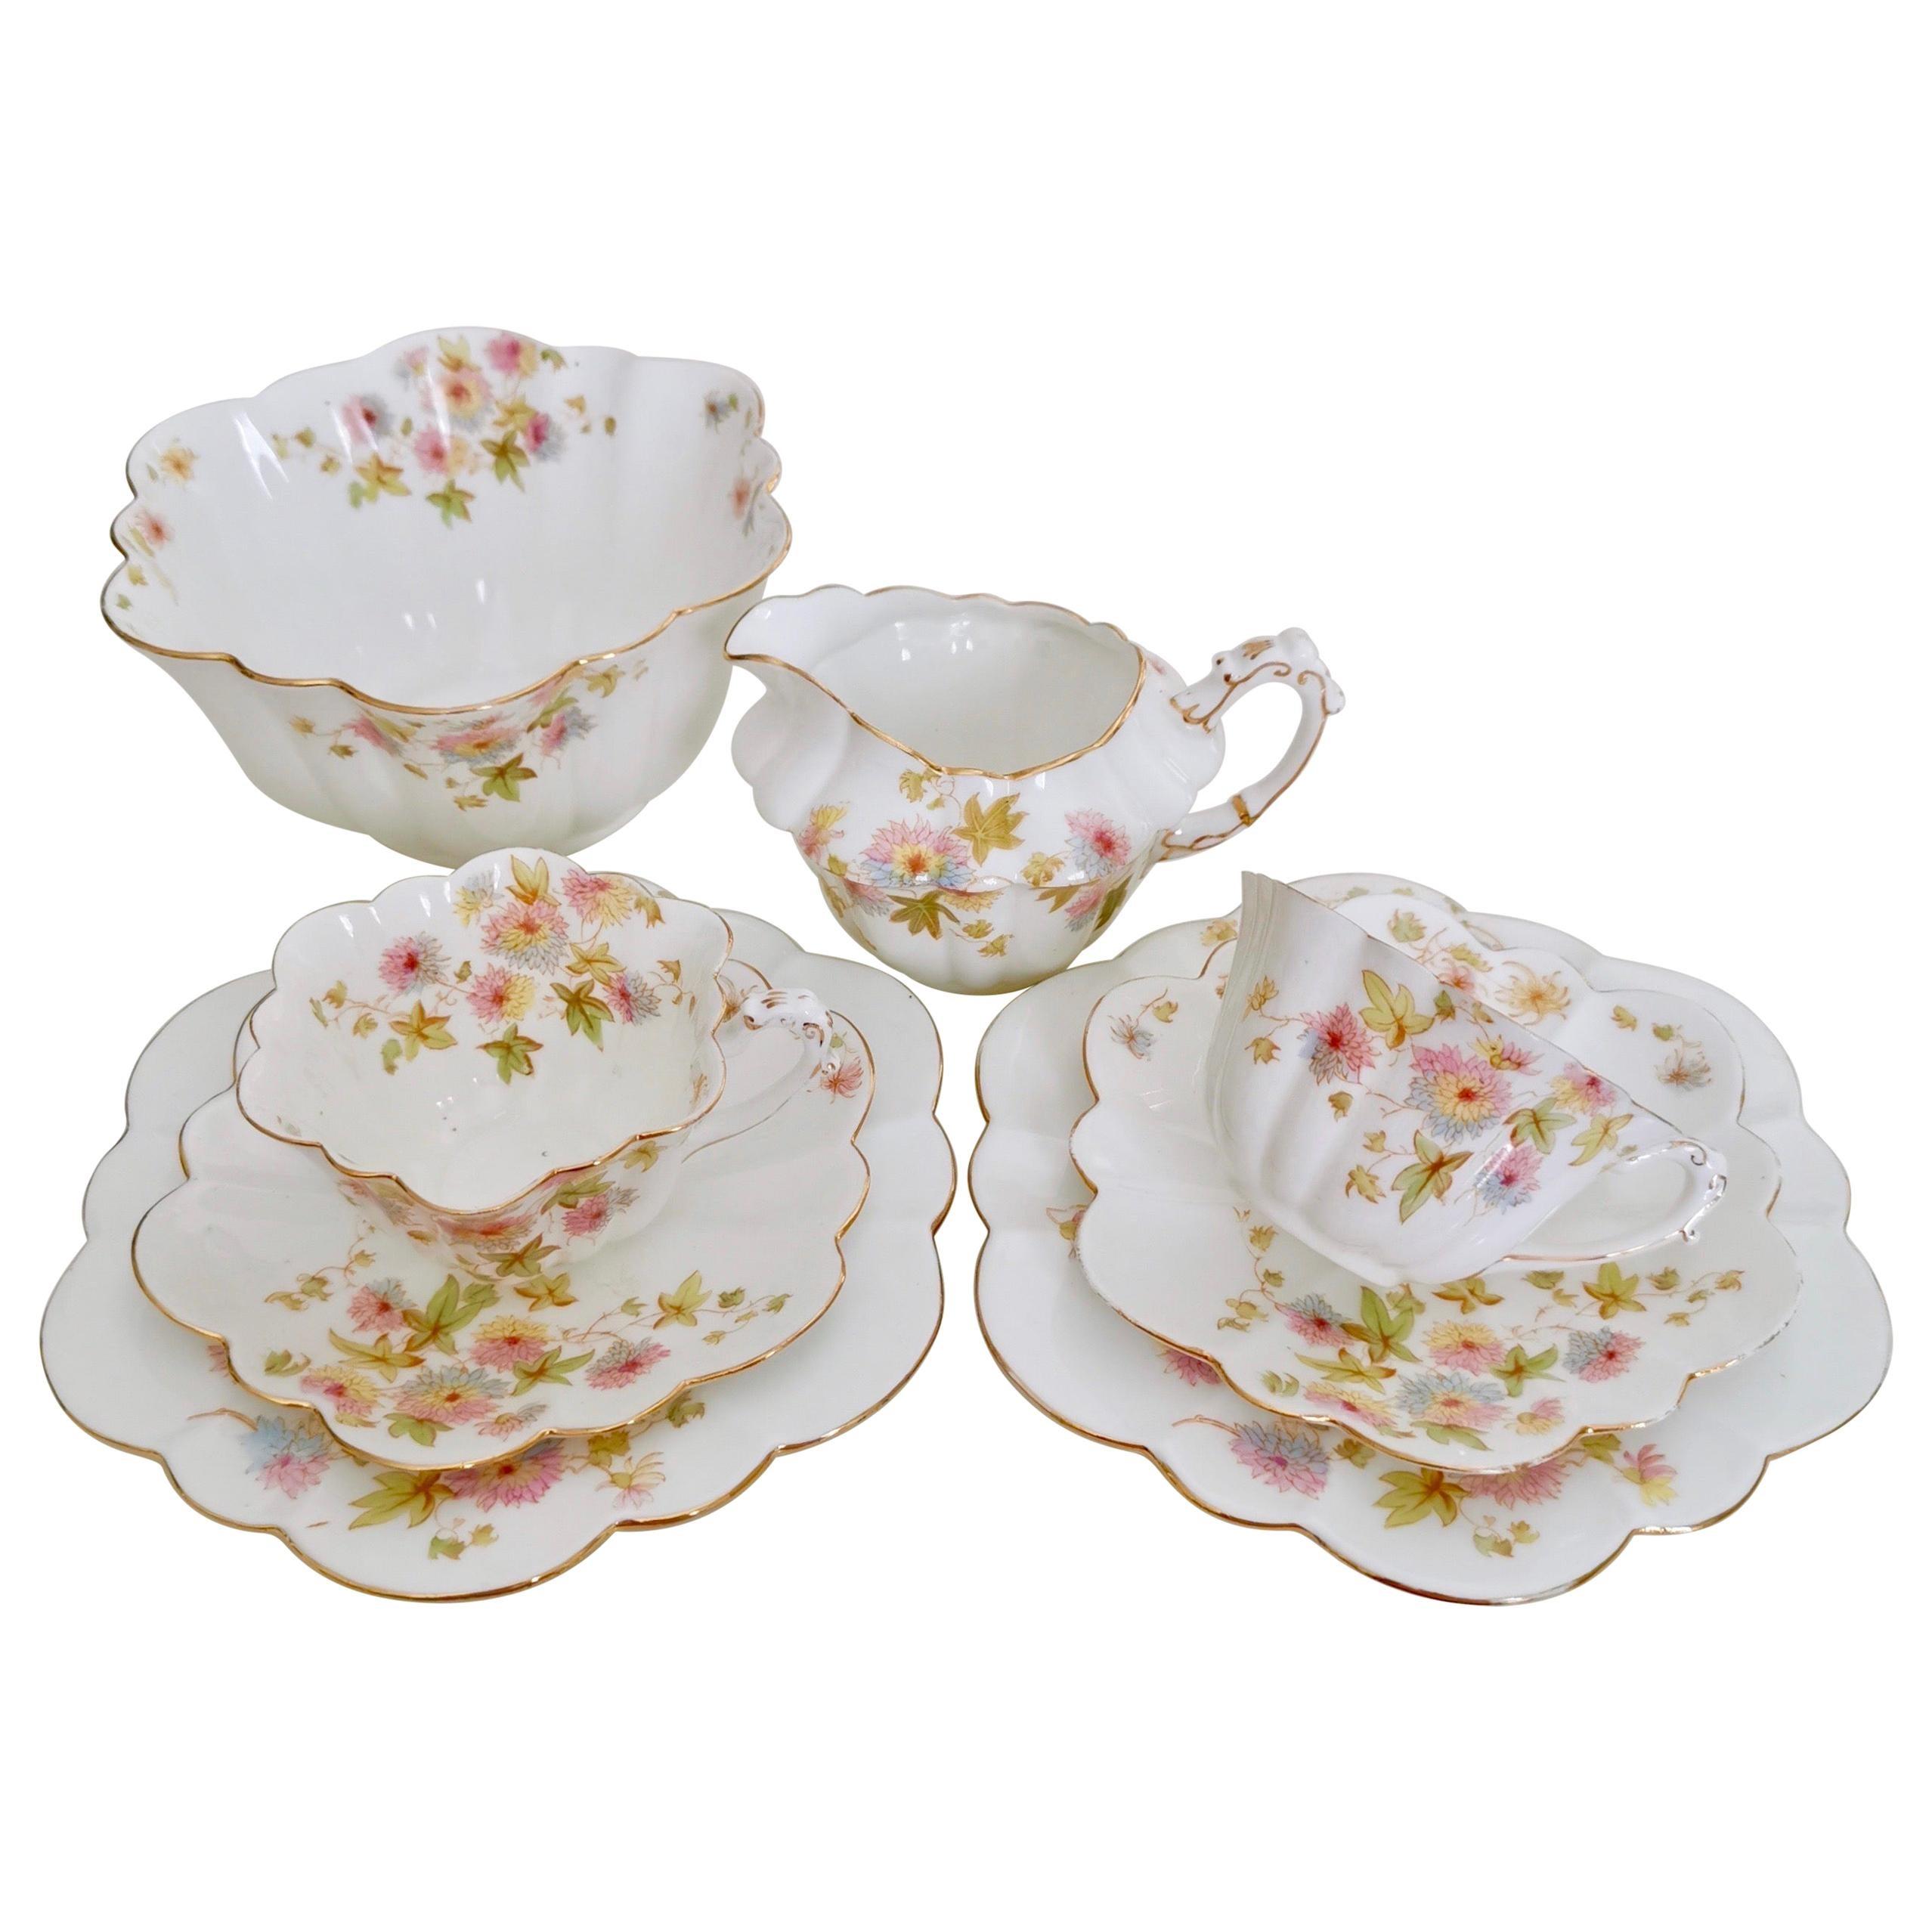 Wileman Porcelain Tea Set, Chrysanthemum, Pastel Colors, Art Nouveau, 1896